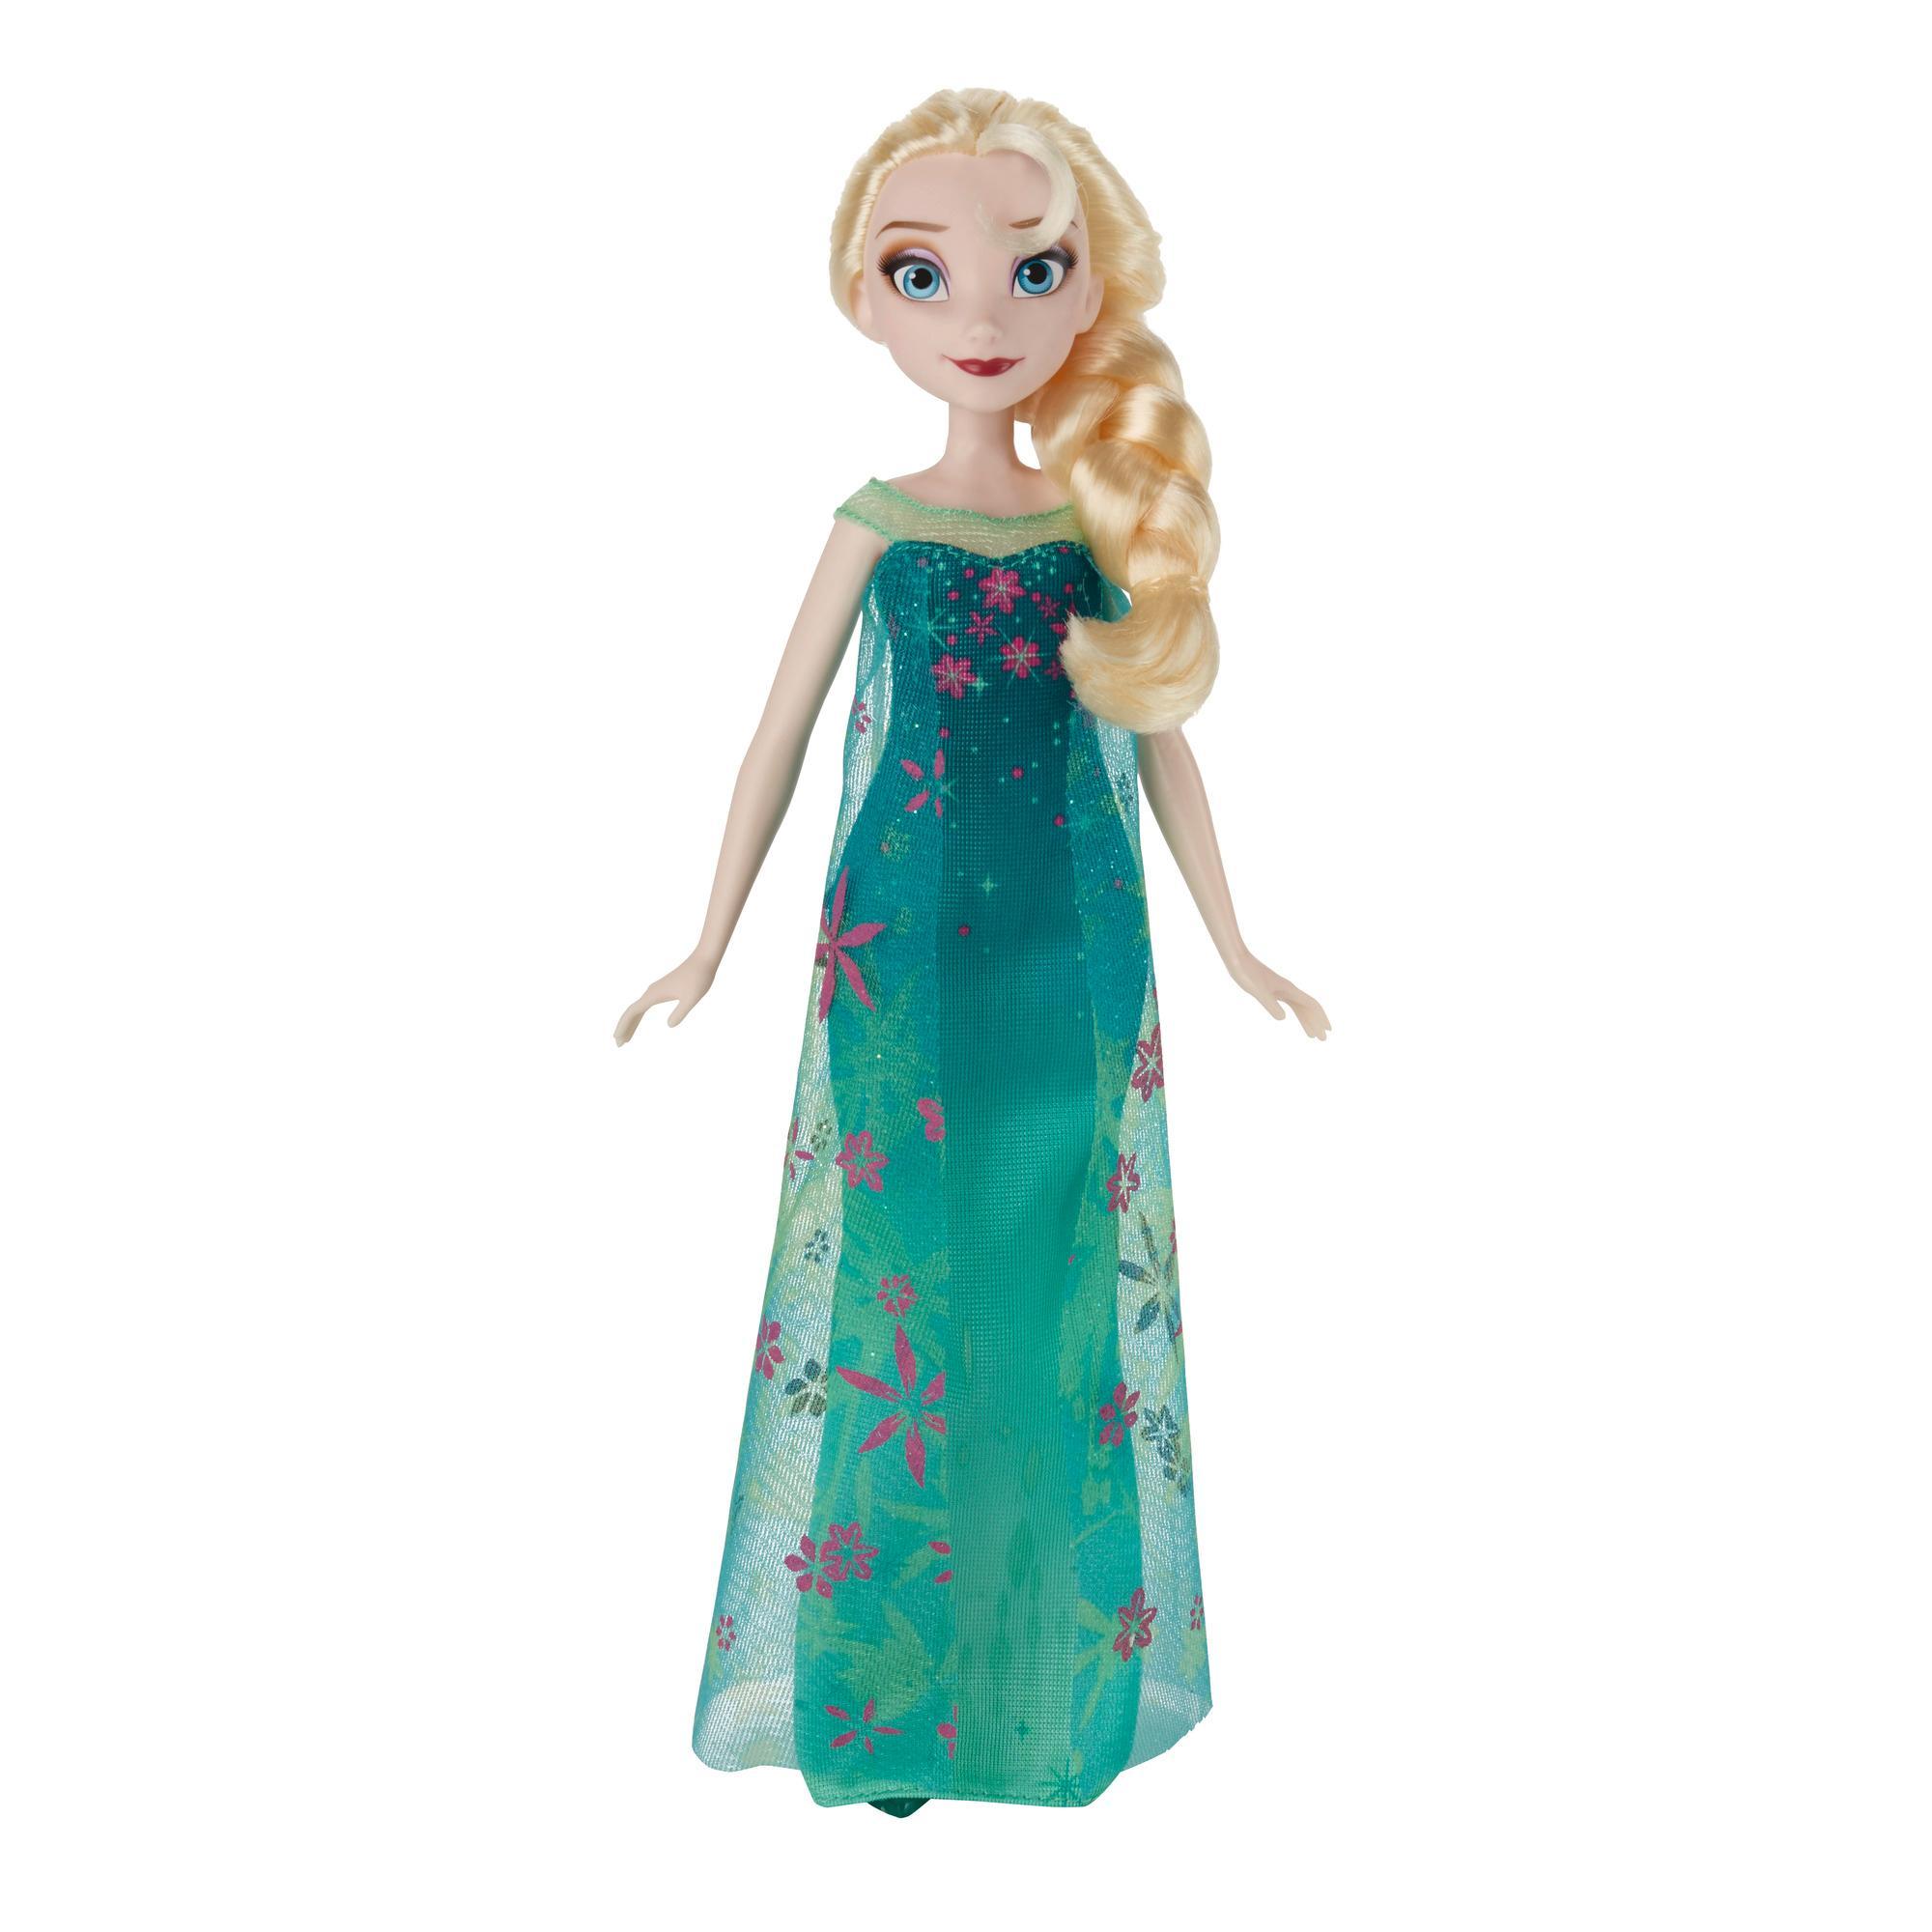 Elsa Moda Clásica de Frozen: Fiebre congelada de Disney